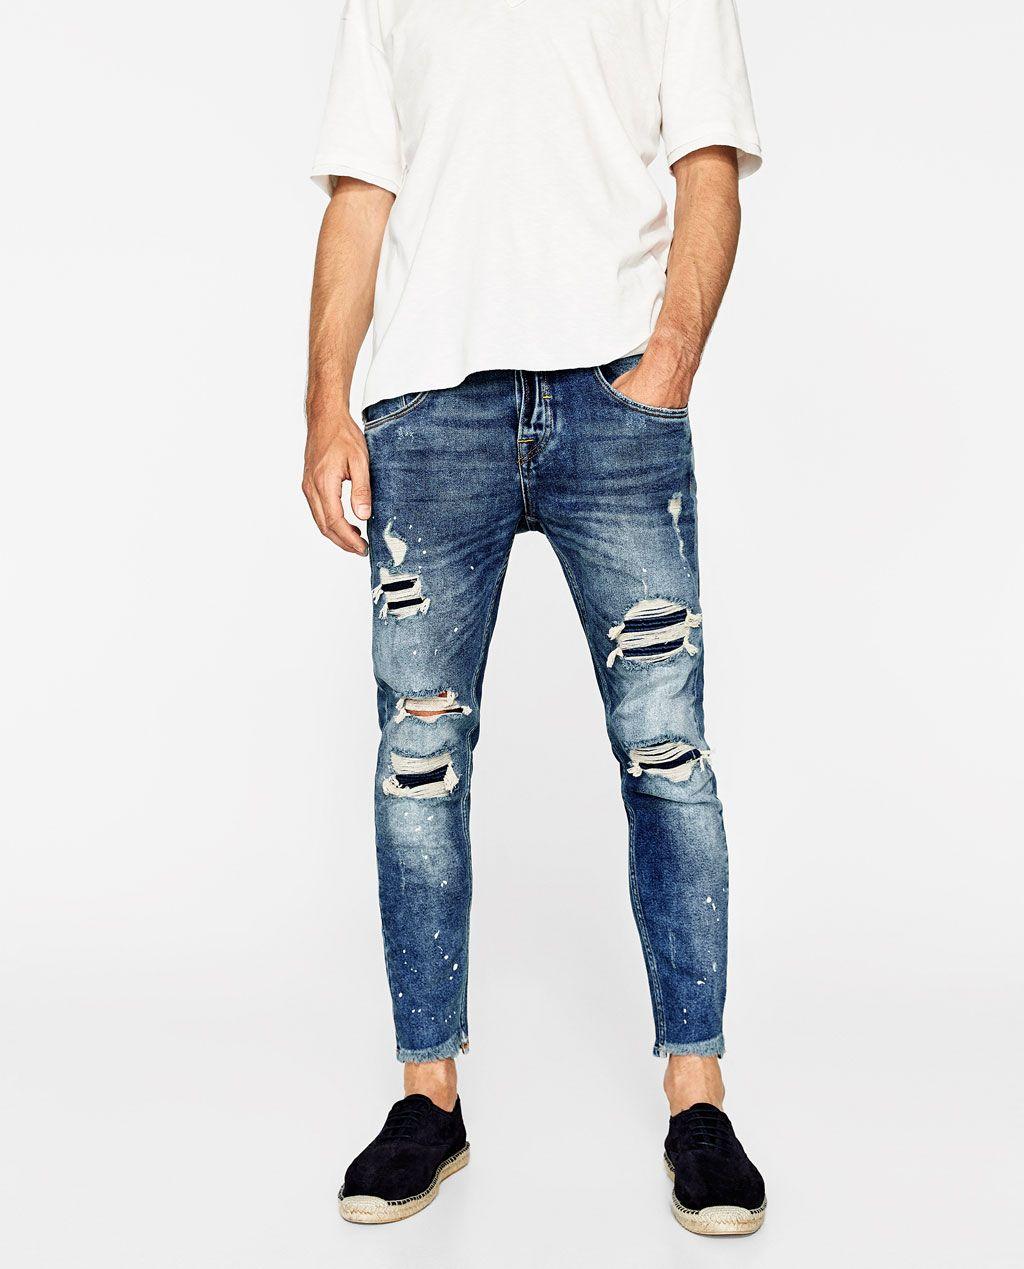 ميناء نقل الدم ظرف Jeans Rotos Hombre Musichallnewport Com